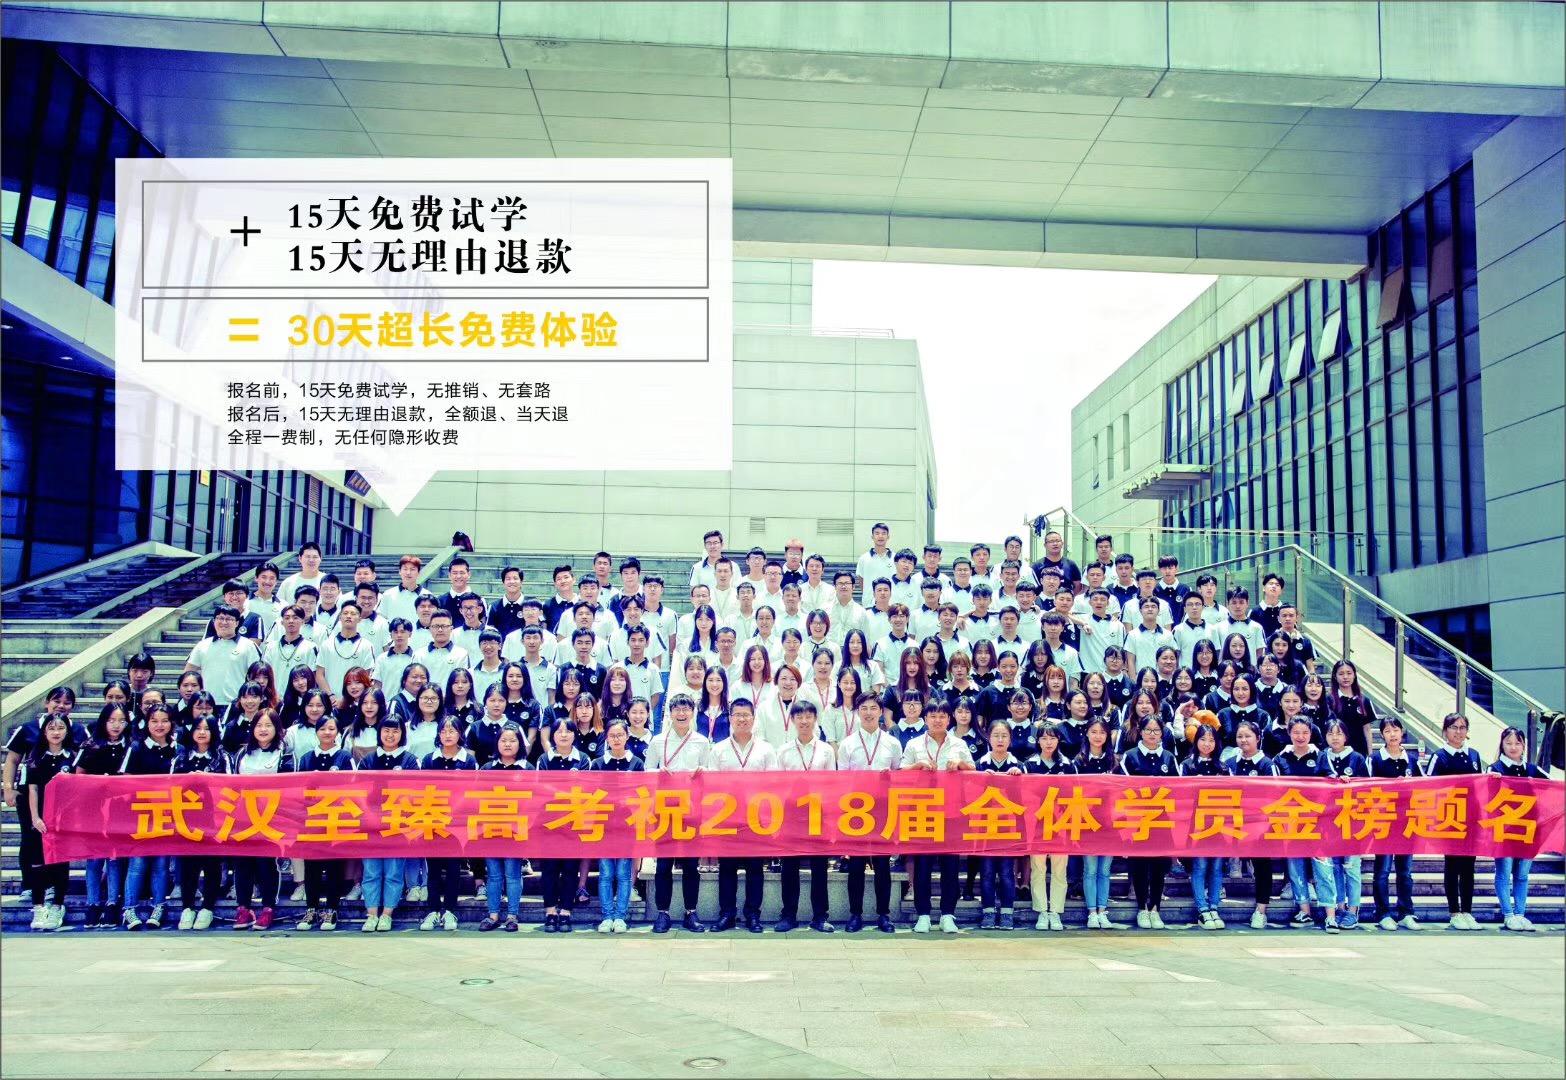 武汉艺术生文化课培训学校